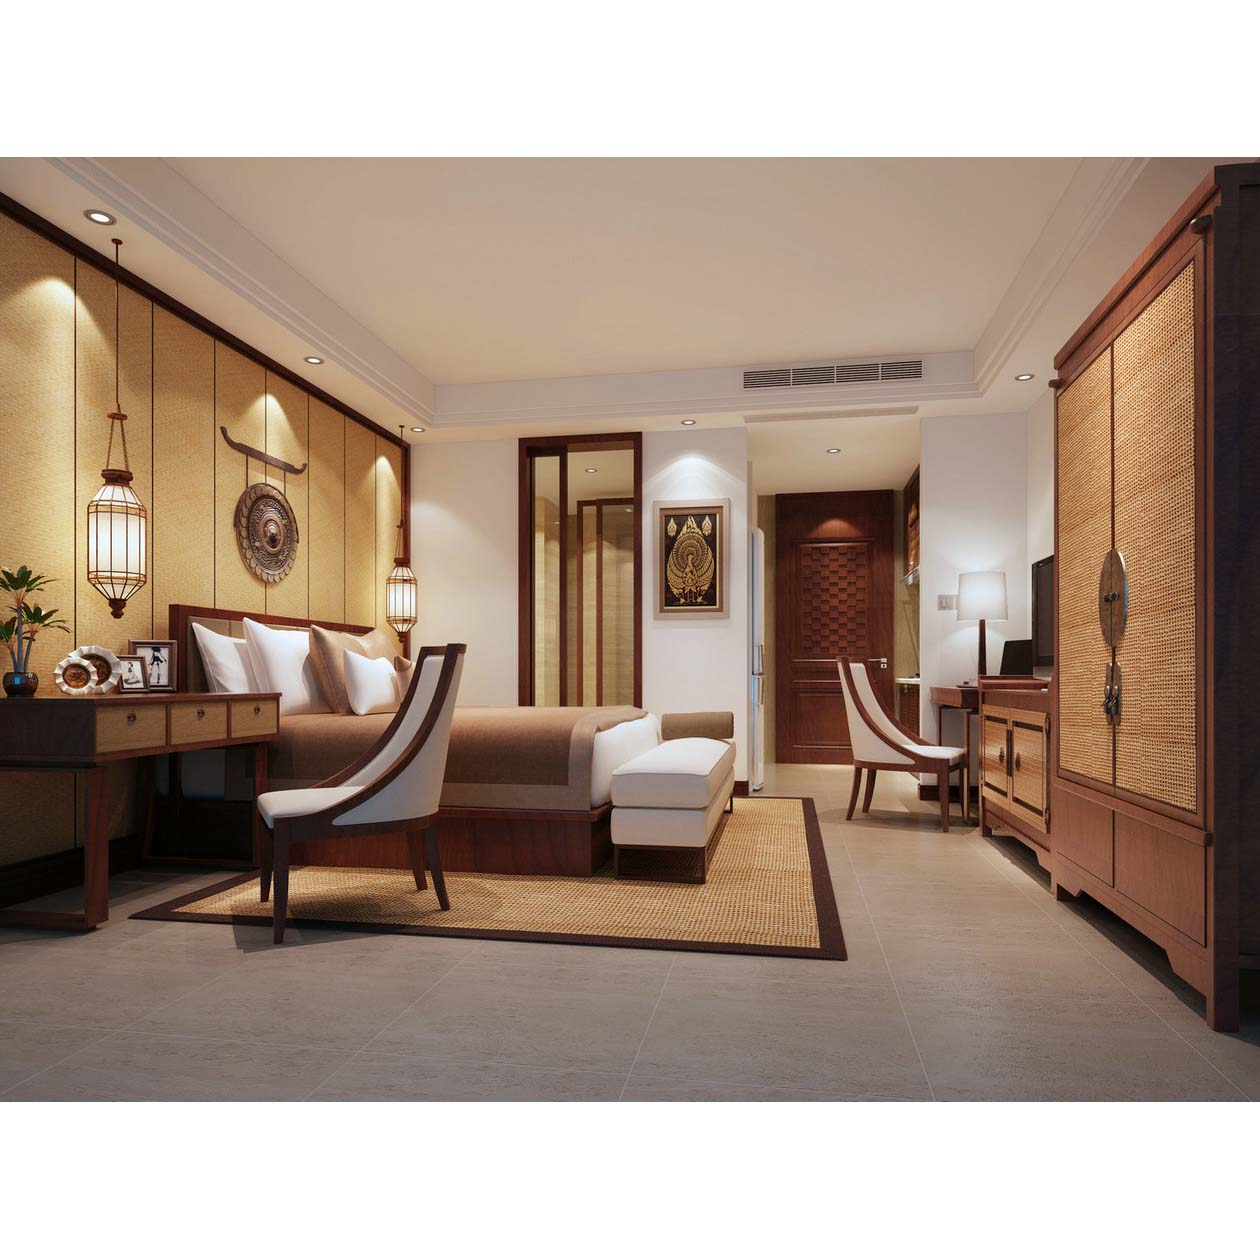 产品展示 酒店家具定制 套间效果图  长沙柏宁家具有限公司是一家集